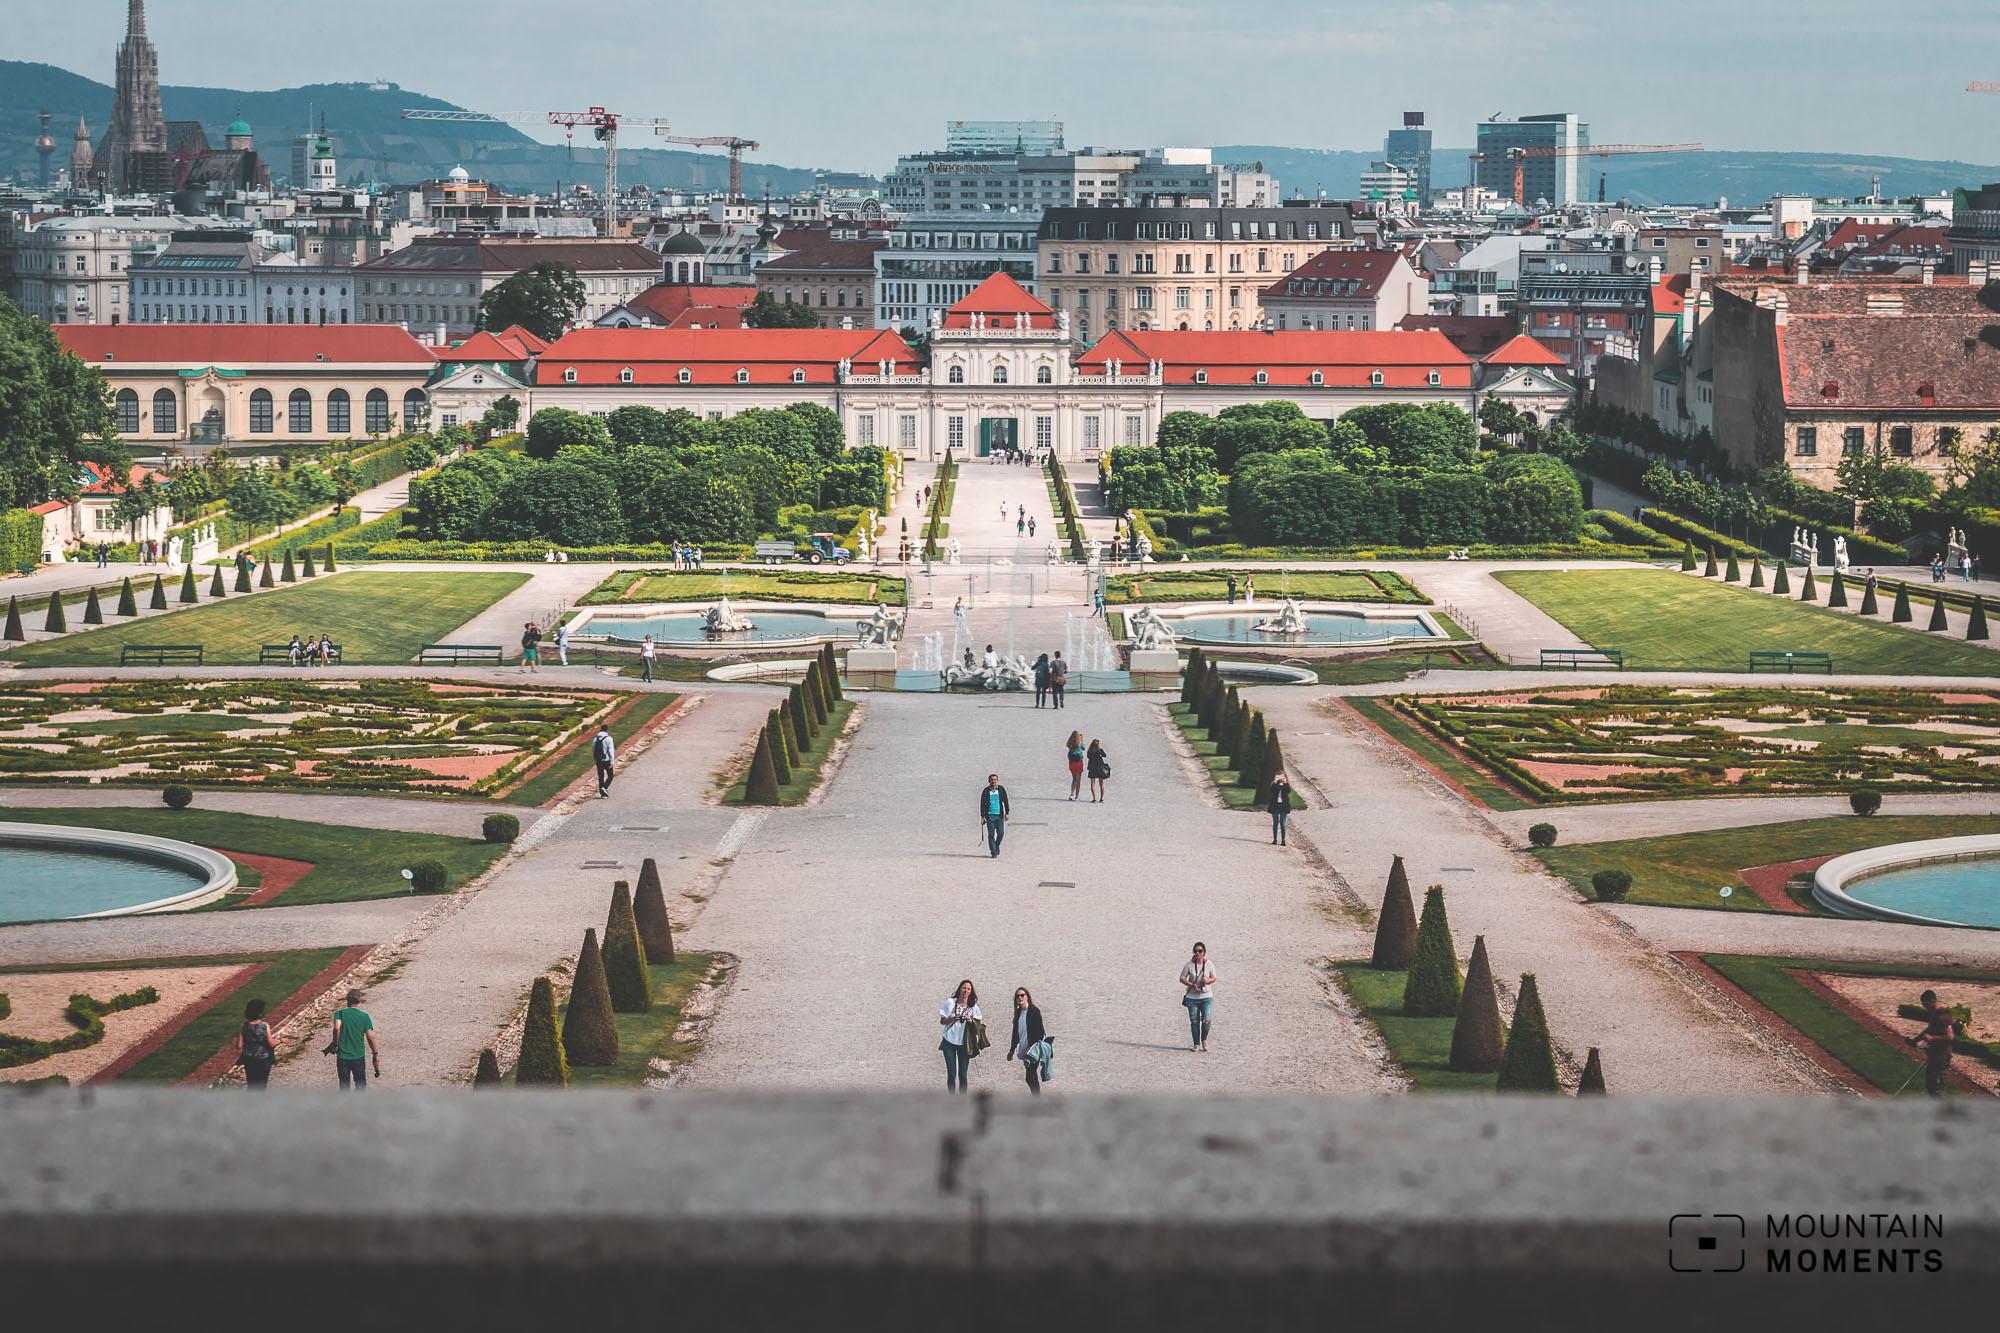 Fotospots österreich, fotospot wien, fotolocations österreich, schöne orte österreich, sehenswürdigkeiten österreich